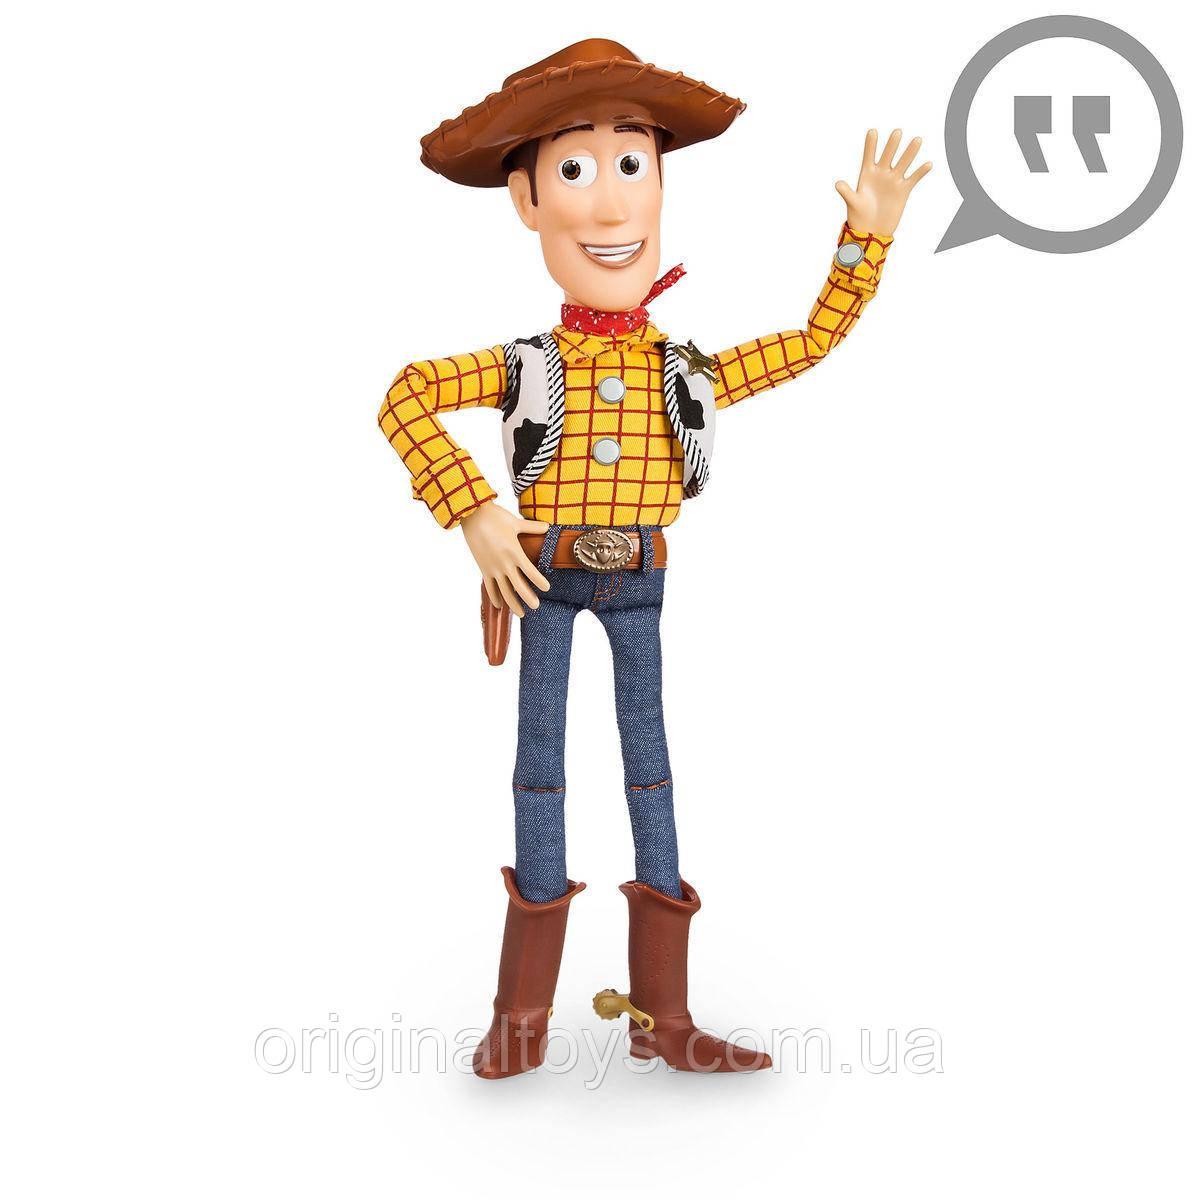 Говорящая кукла Шериф Вуди История Игрушек Дисней Woody Talking Action Figure Disney